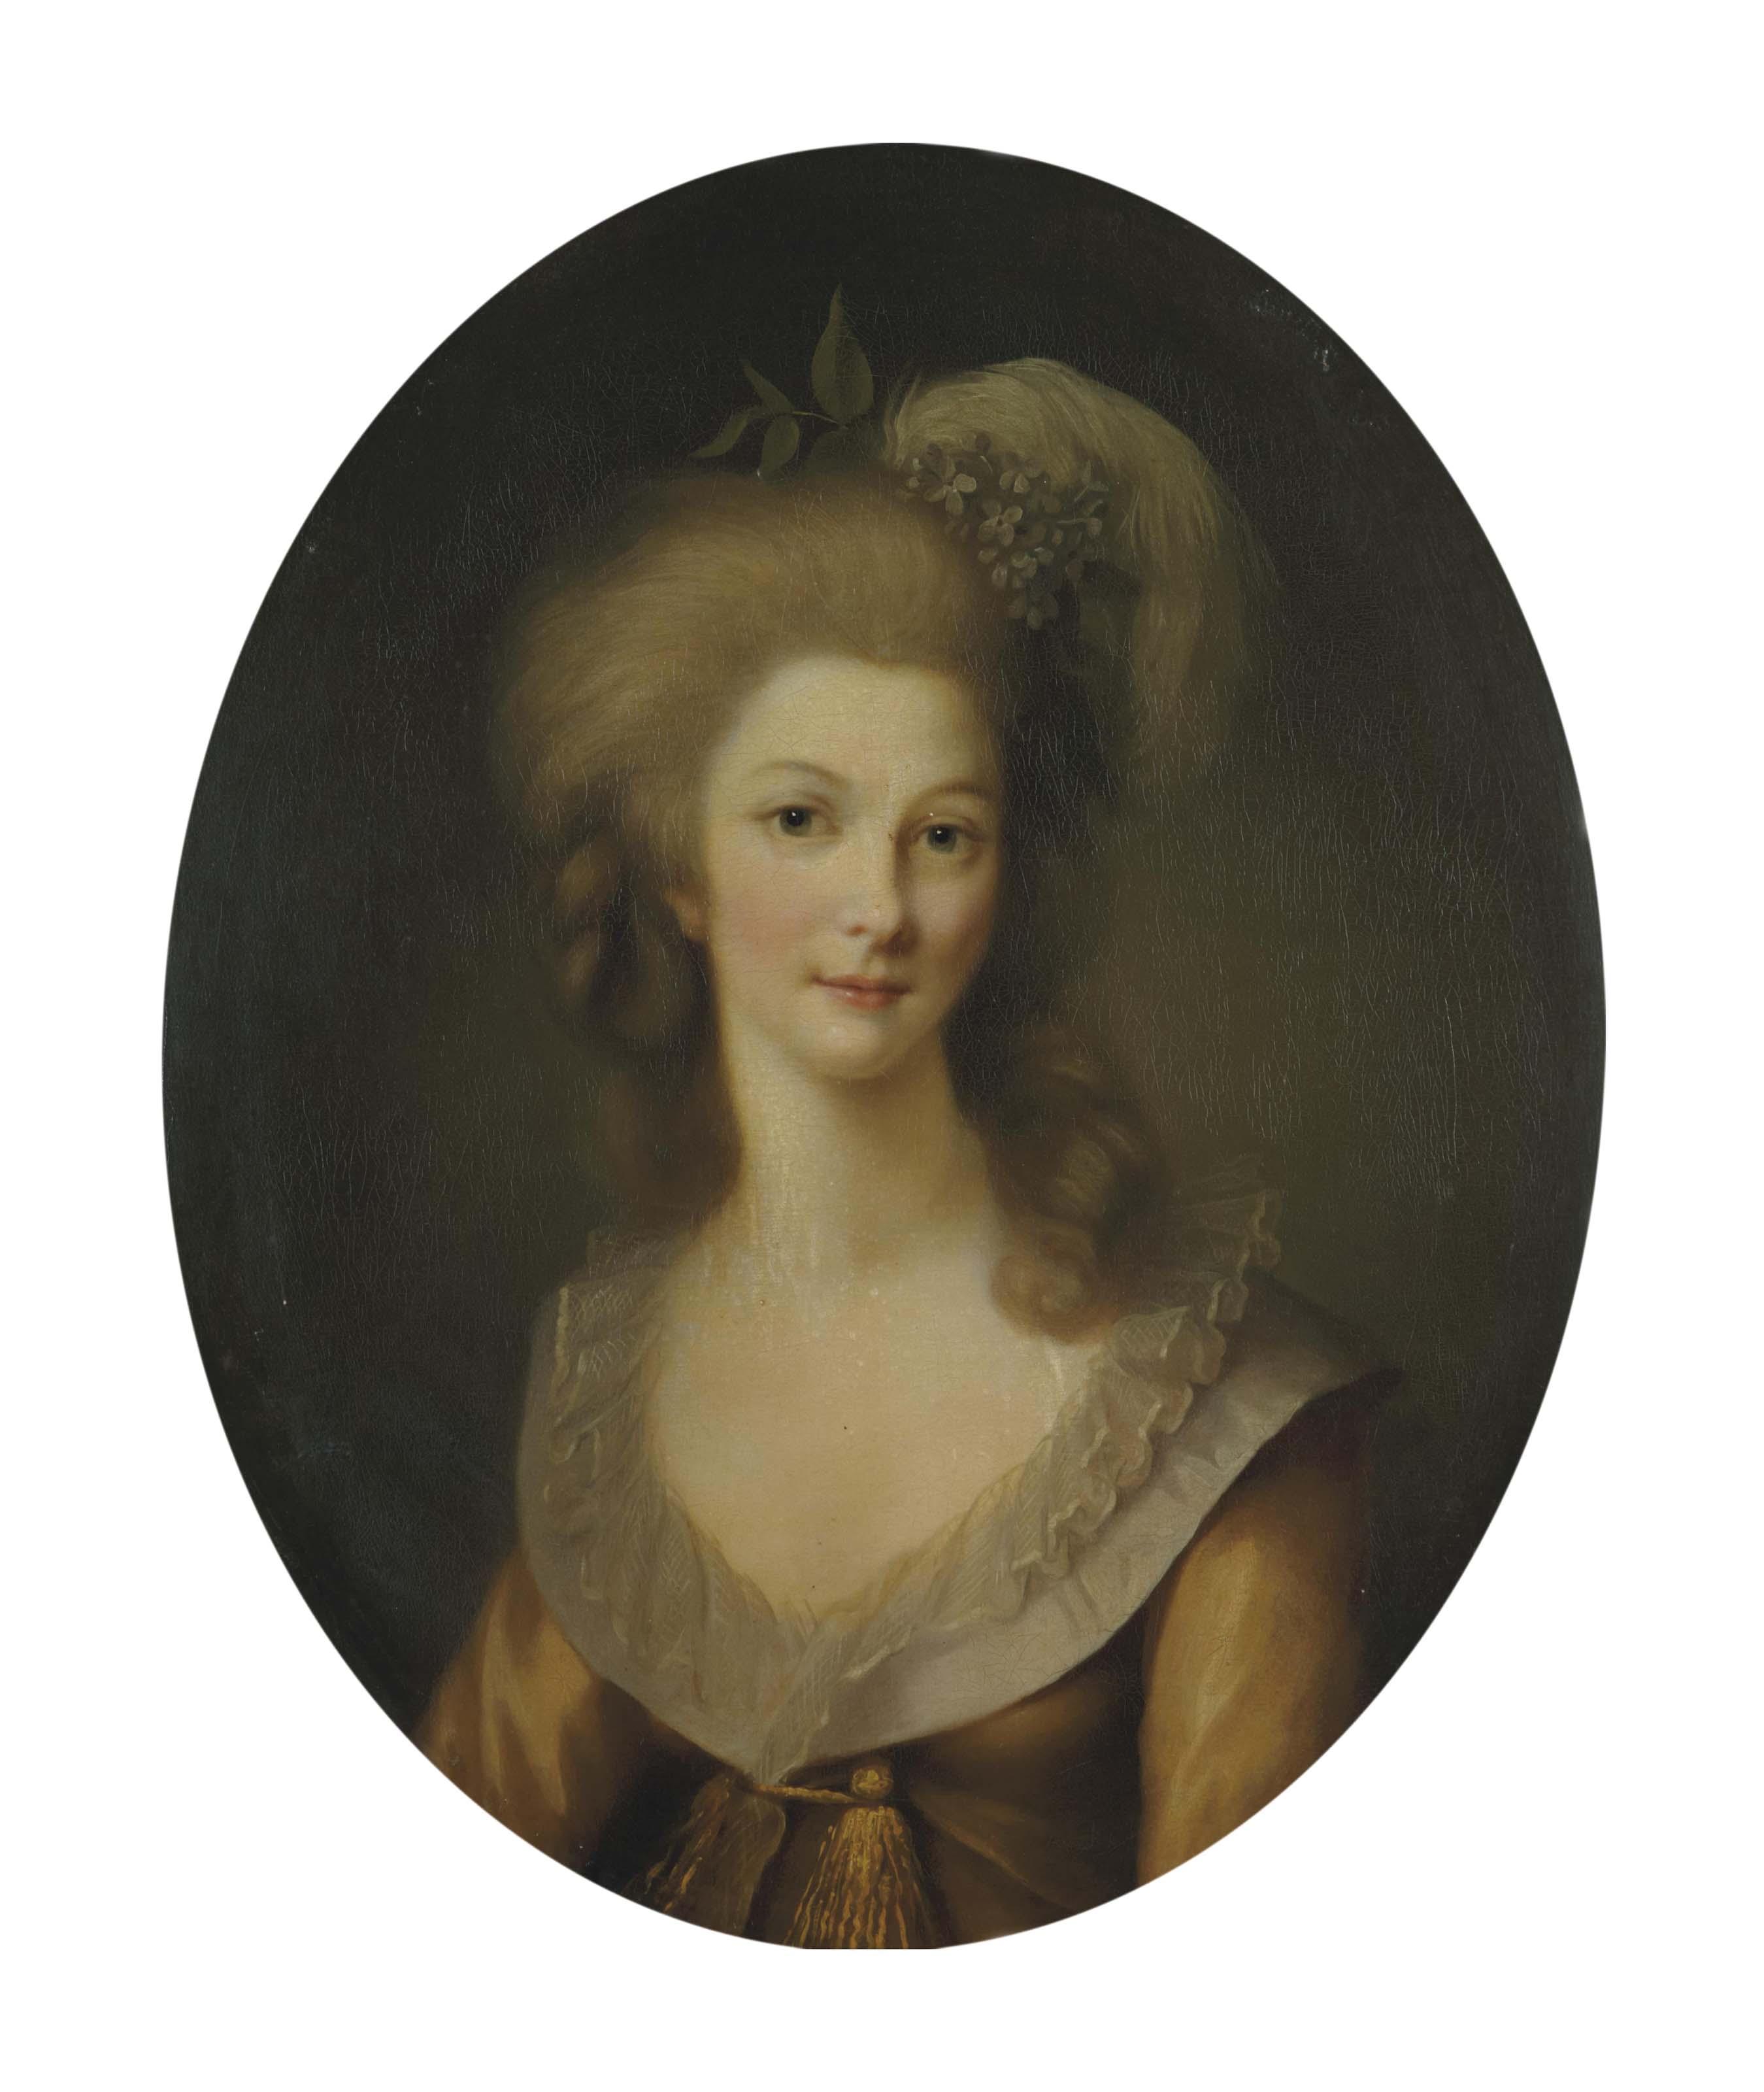 Portrait de Marie-Thérèse-Louise de Savoie-Carignan, princesse de Lamballe